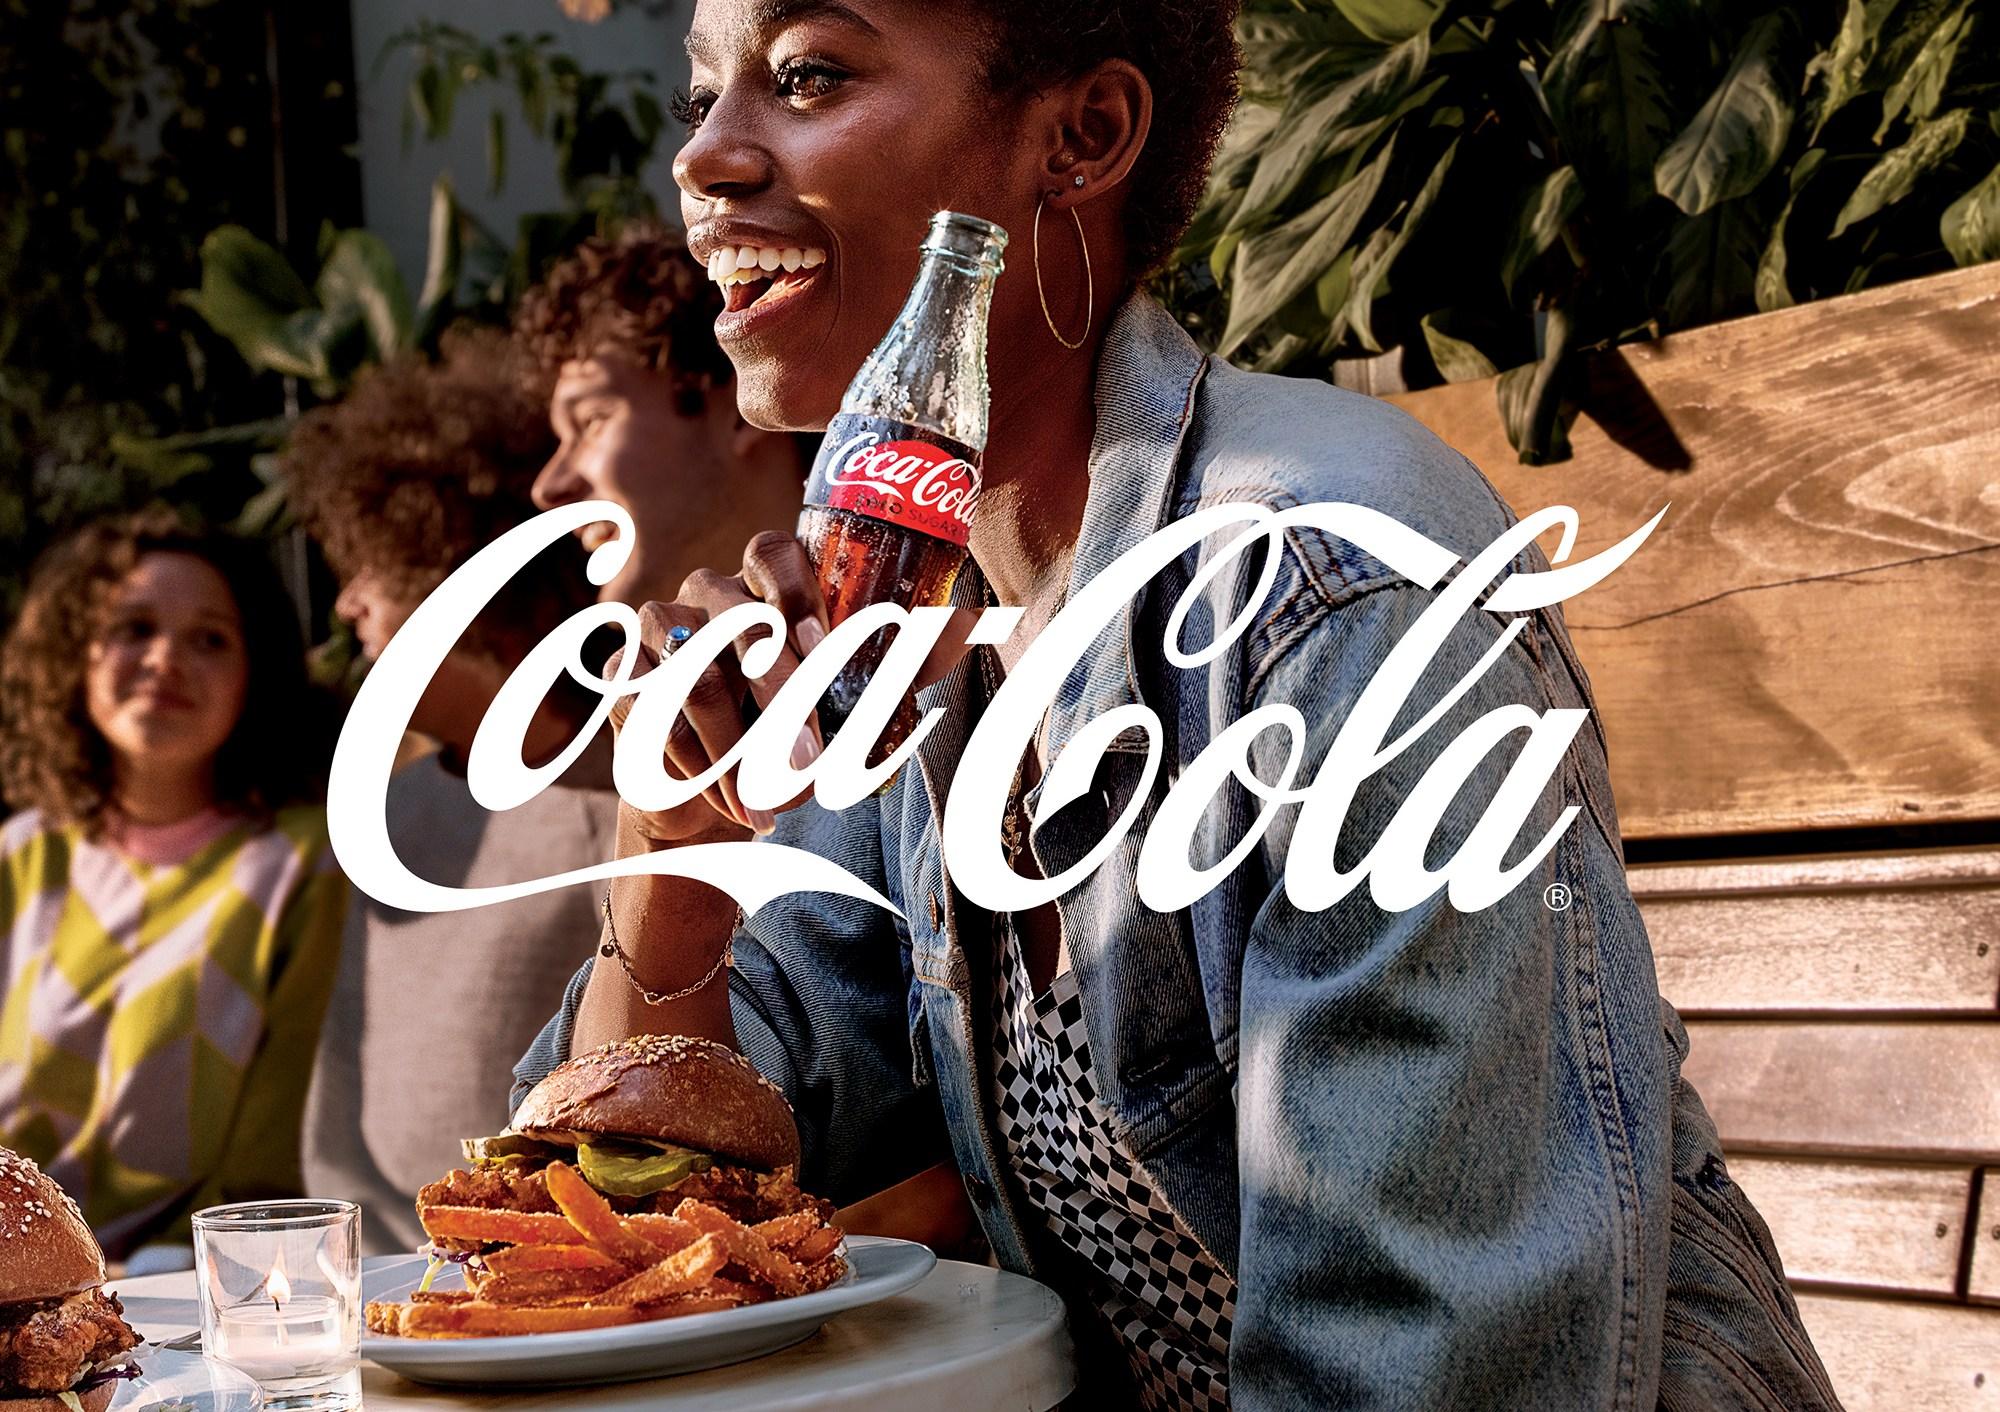 Cindy Coca Cola 1.jpg